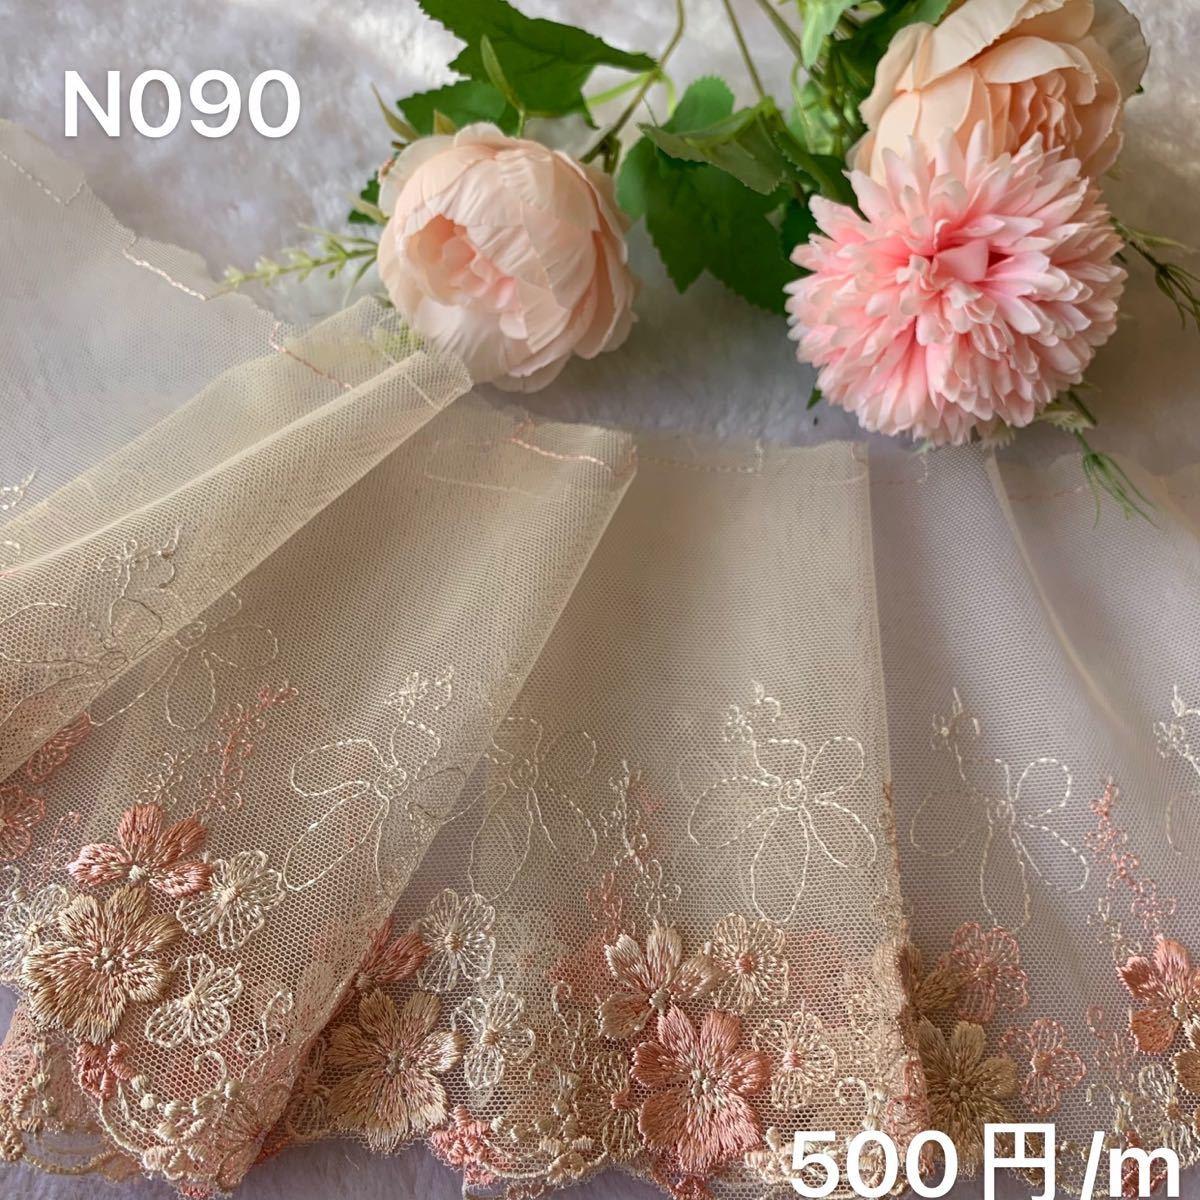 チュールレース ケミカルレース 花柄N090